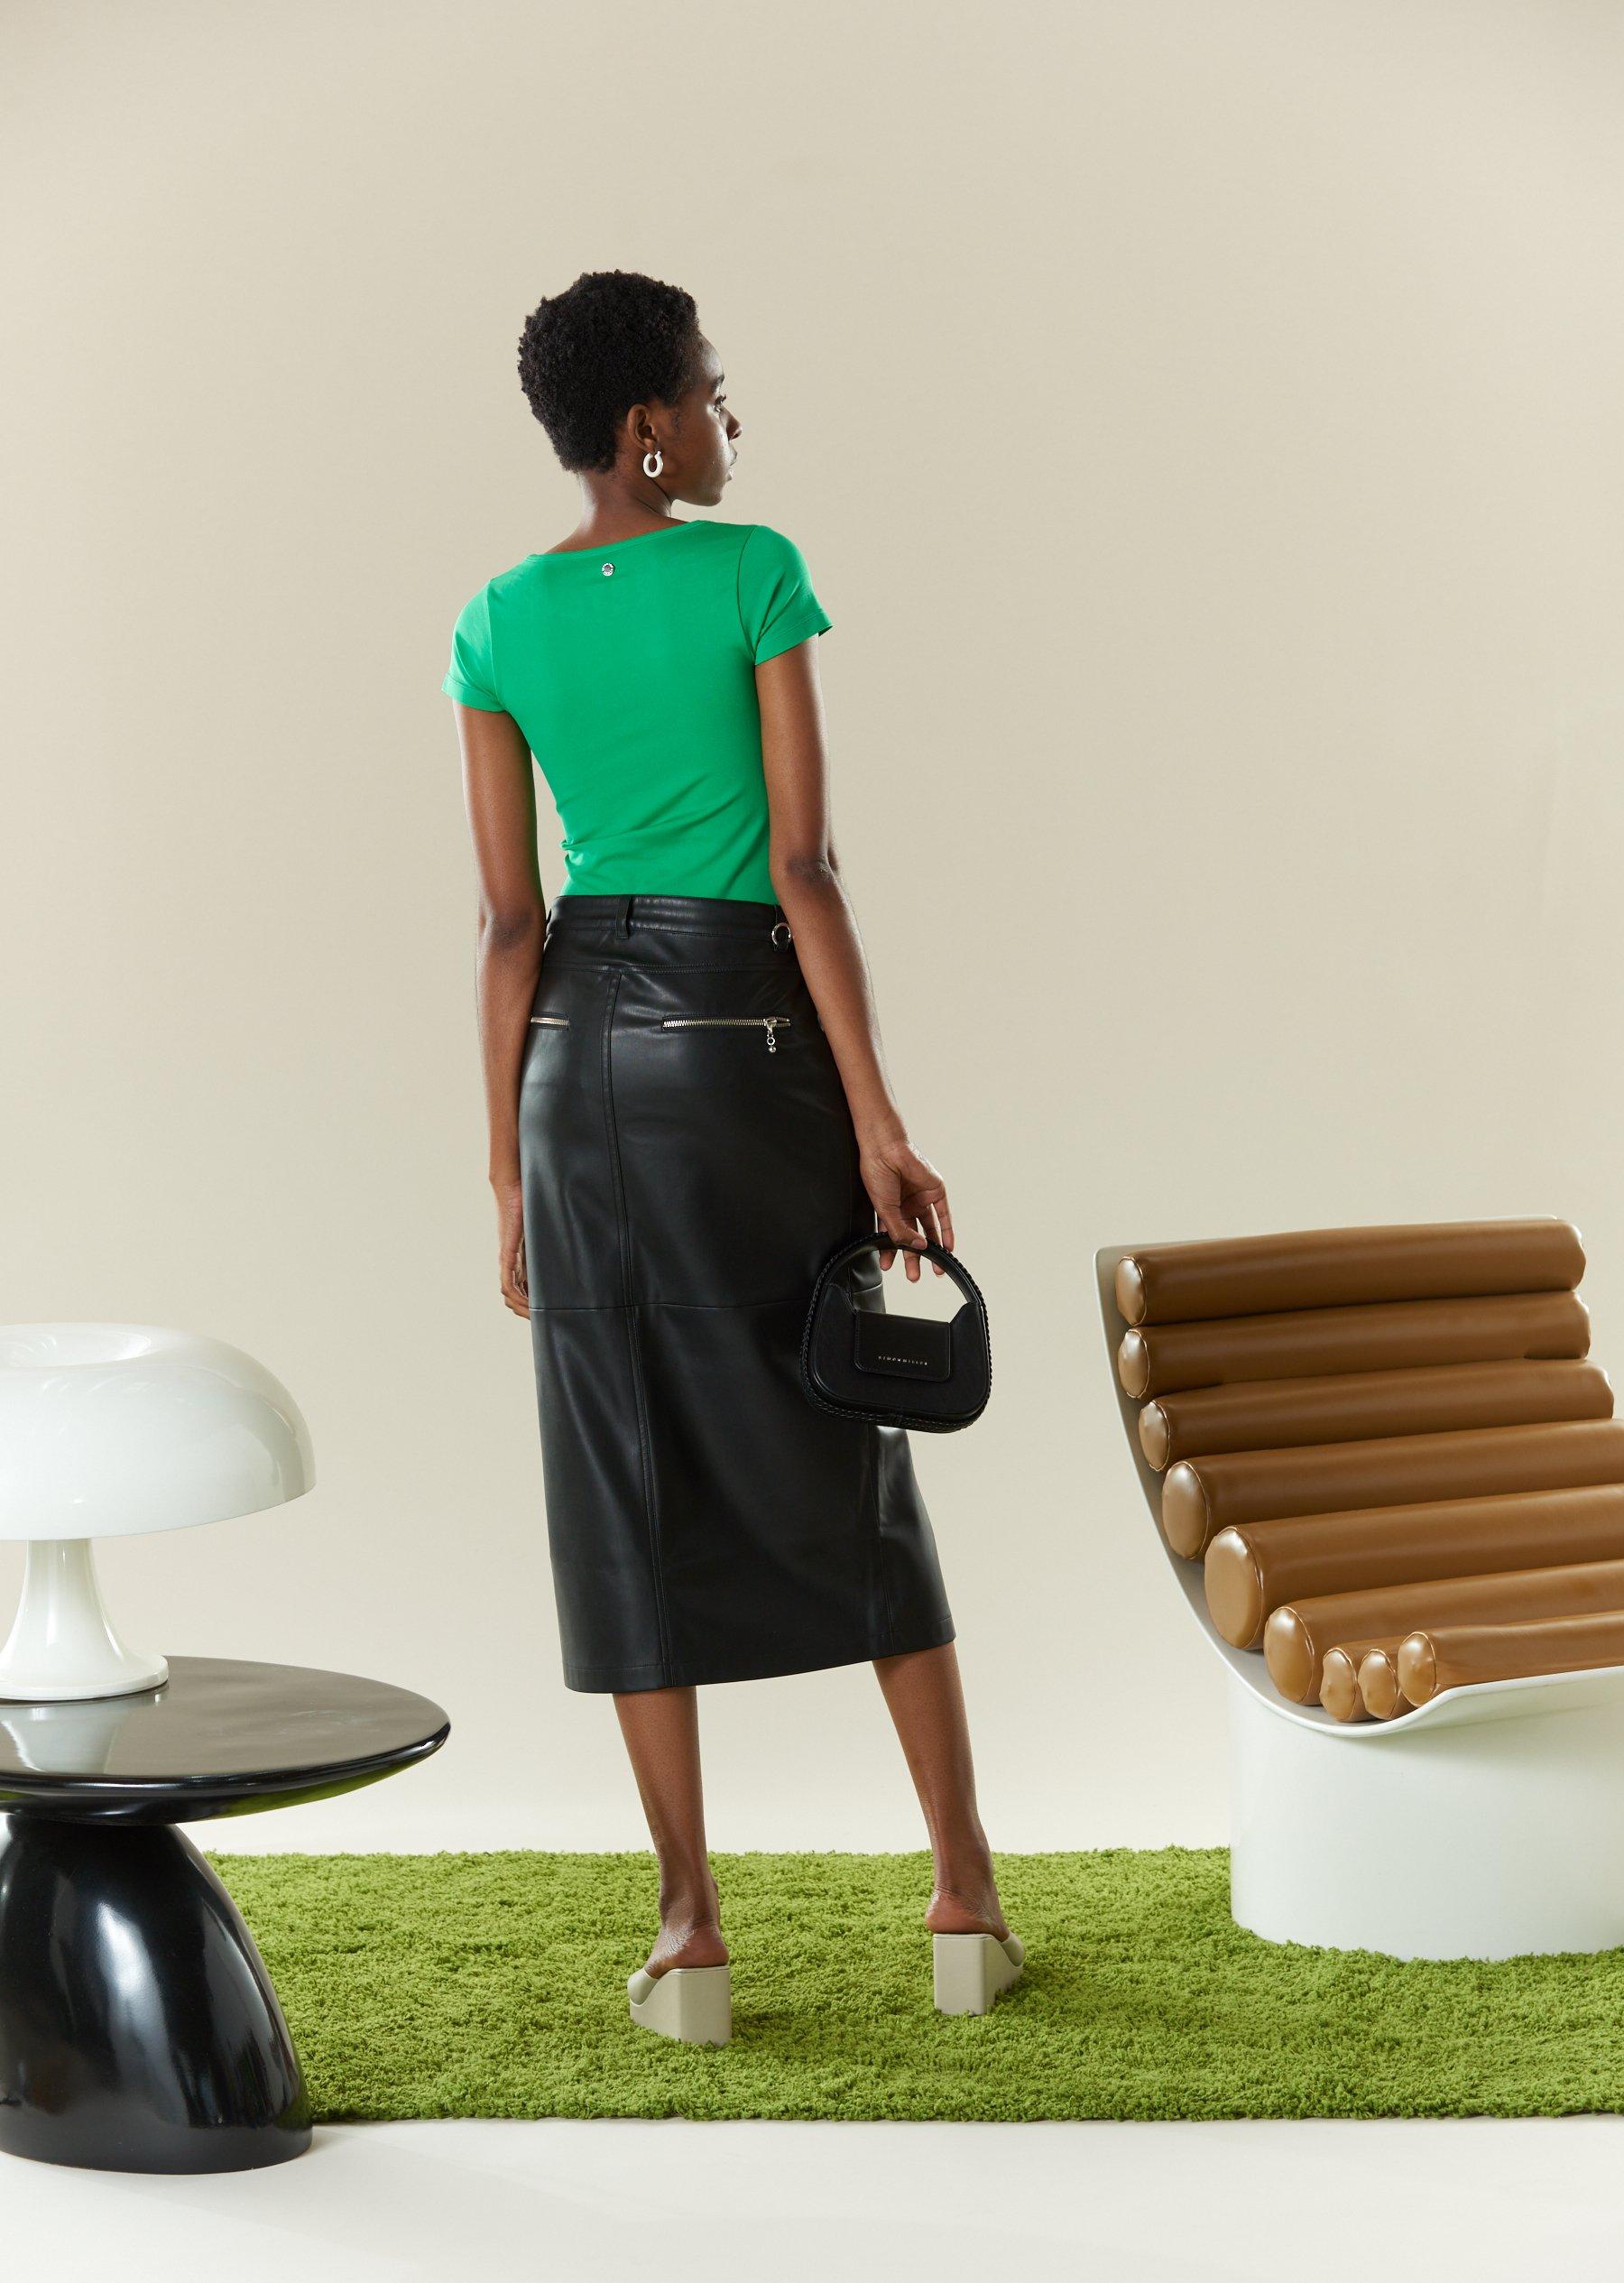 VEGAN LEATHER Kahn Skirt in Black by Simon Miller - 3